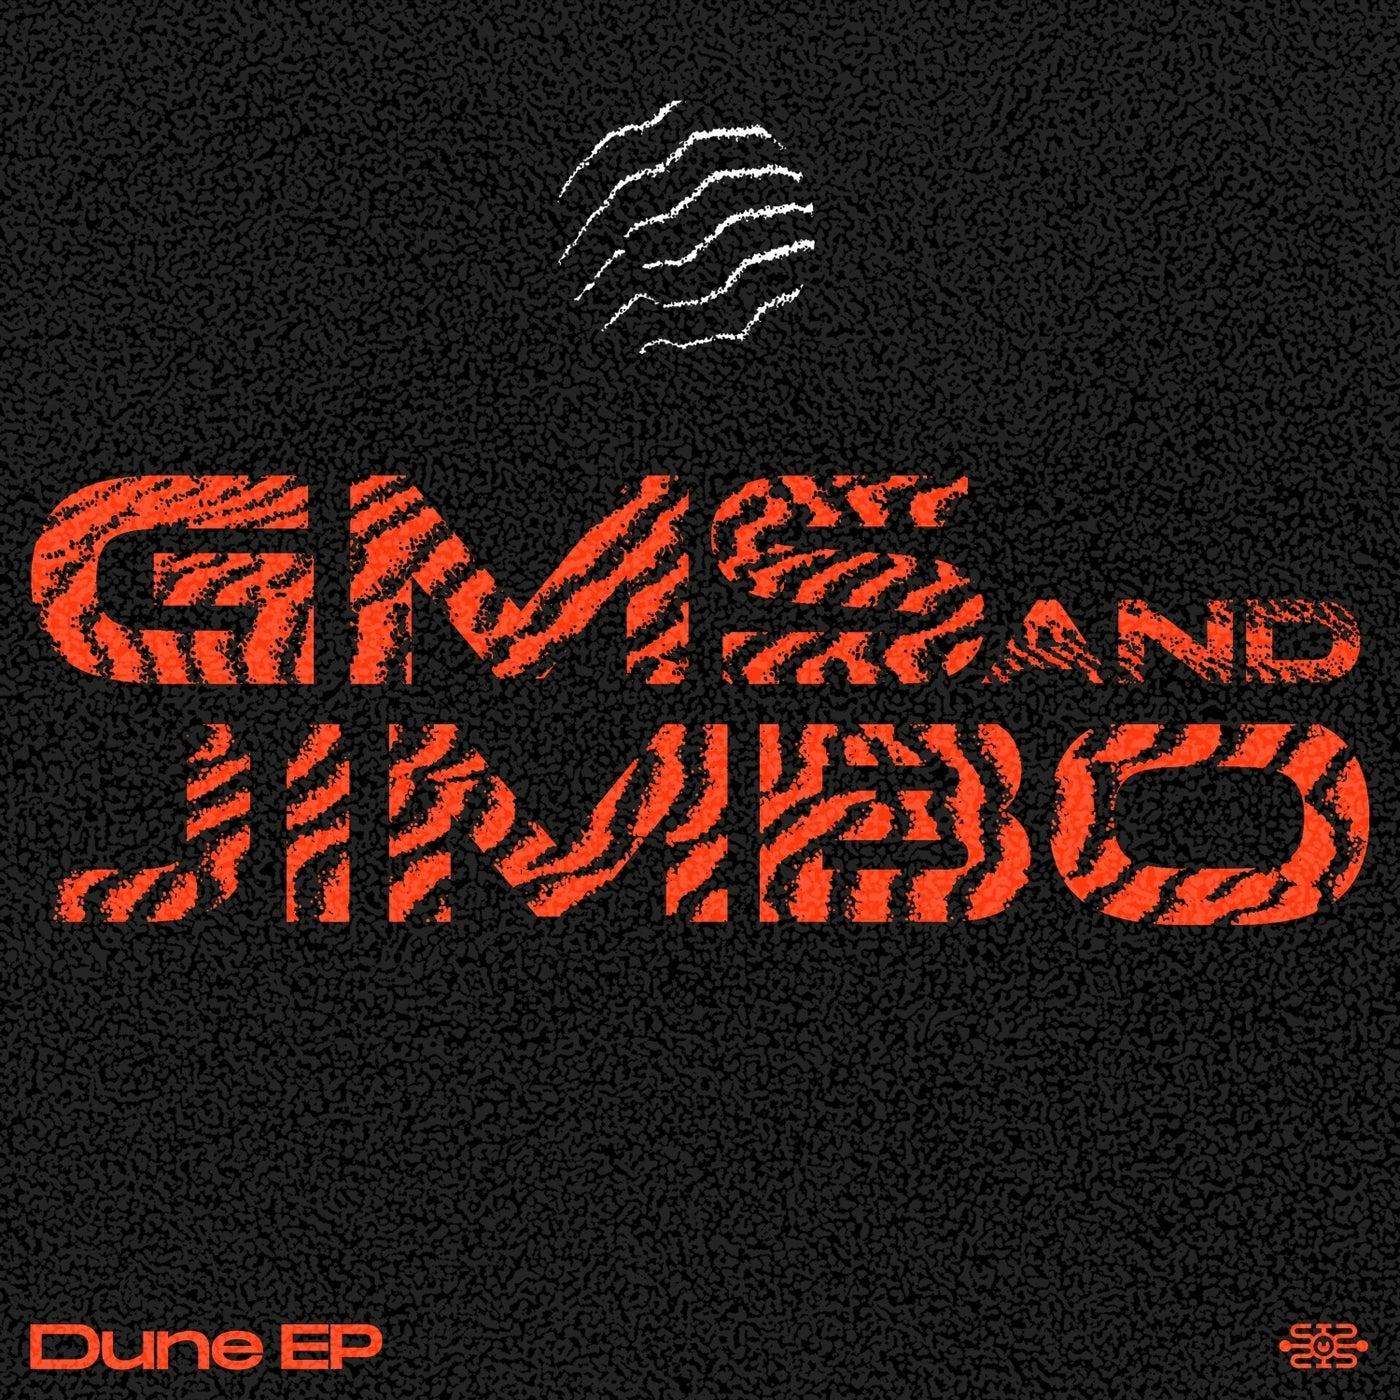 Dune (Original Mix)